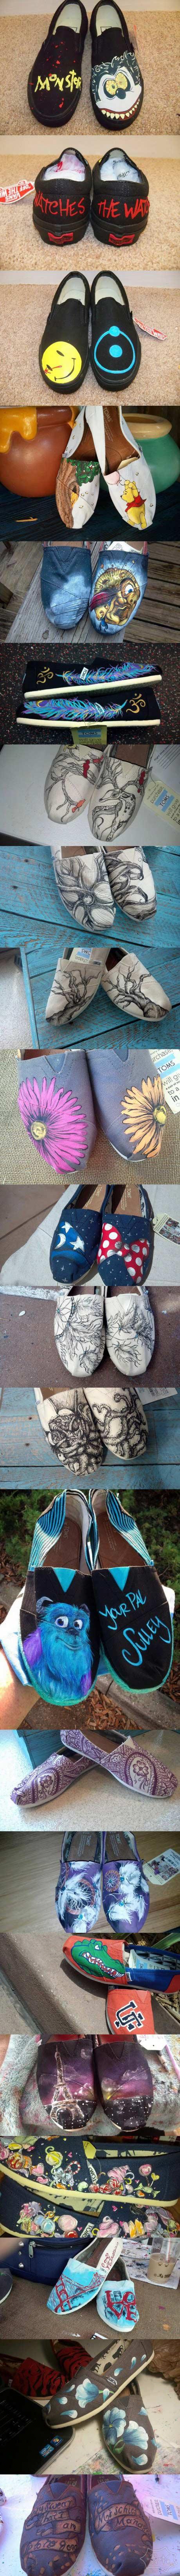 我妹妹的手绘鞋,有时候我觉得她还是很有才的